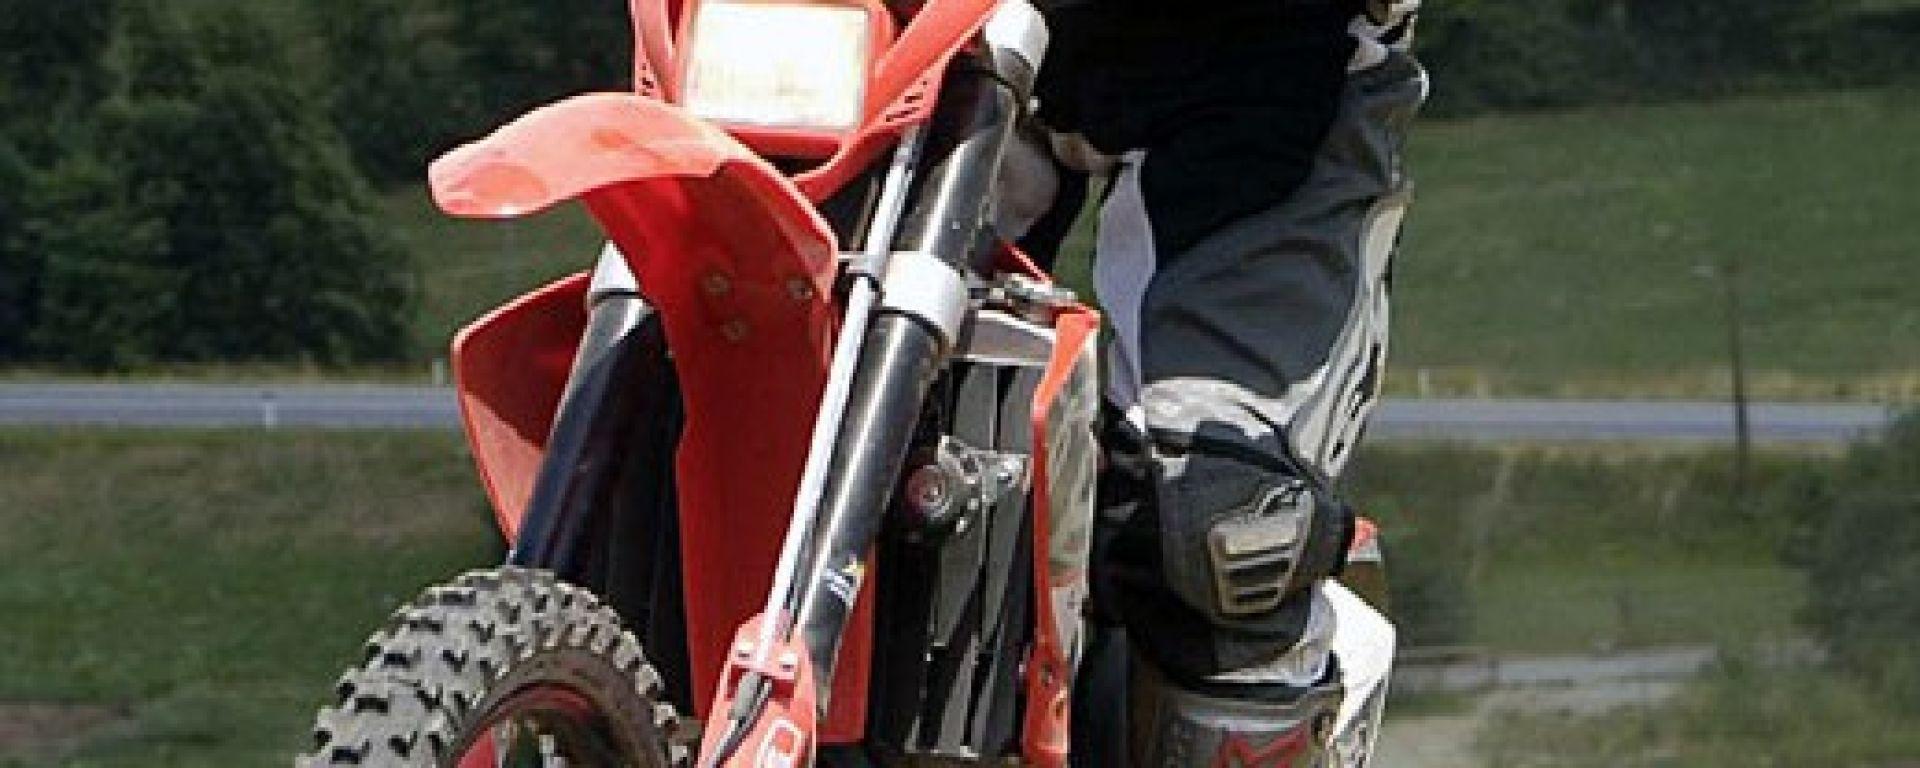 Beta Enduro RR 2007